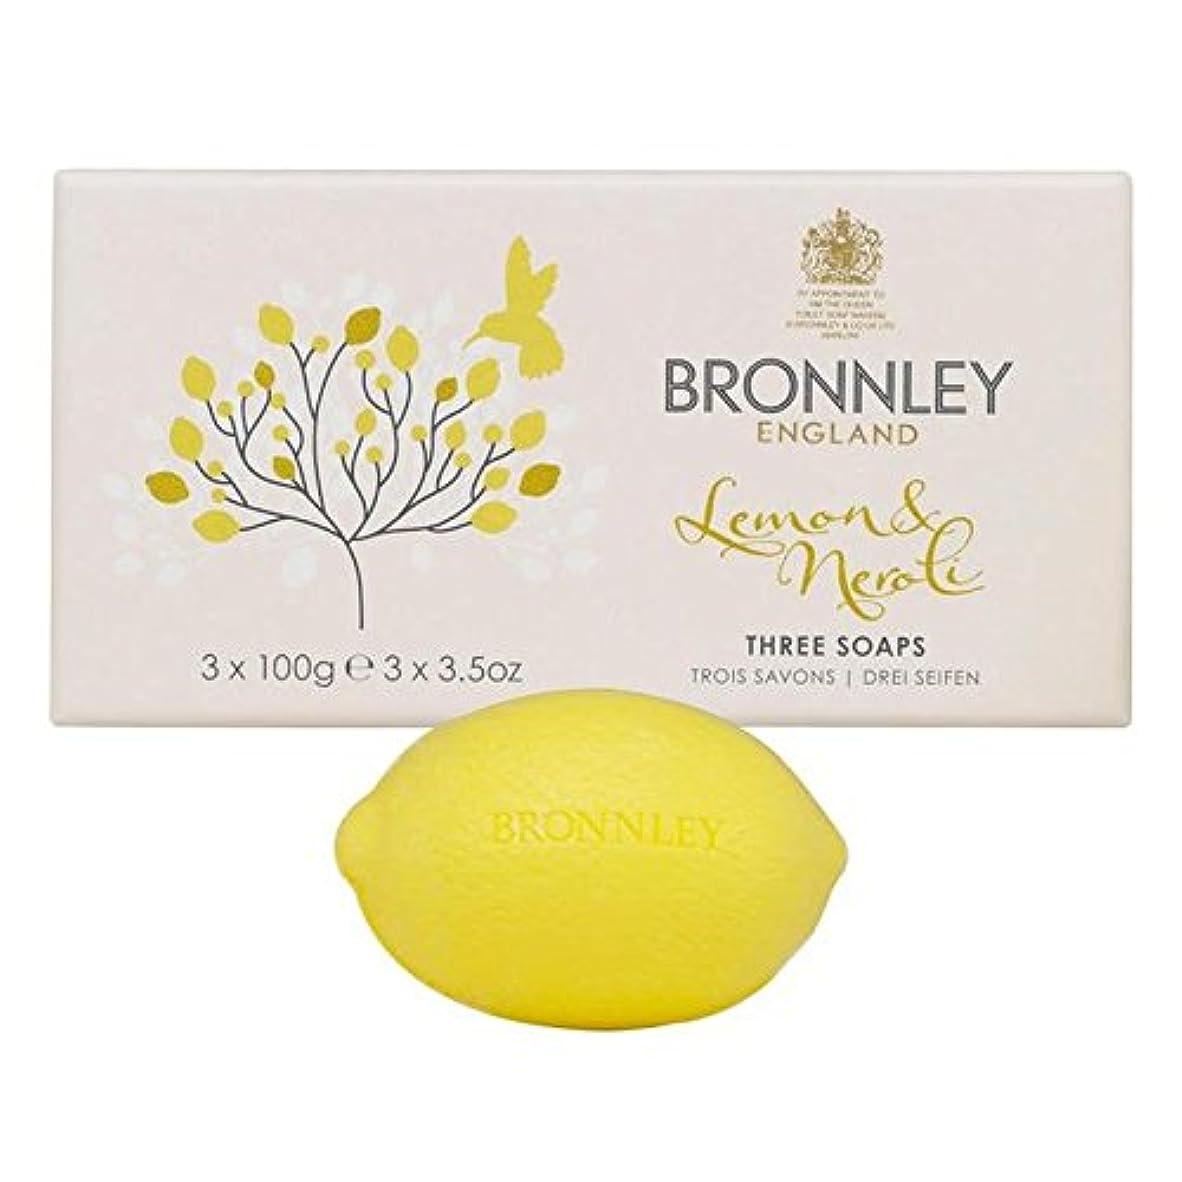 活気づけるブルーム海洋Bronnley Lemon & Neroli Soaps 3 x 100g - レモン&ネロリ石鹸3×100グラム [並行輸入品]